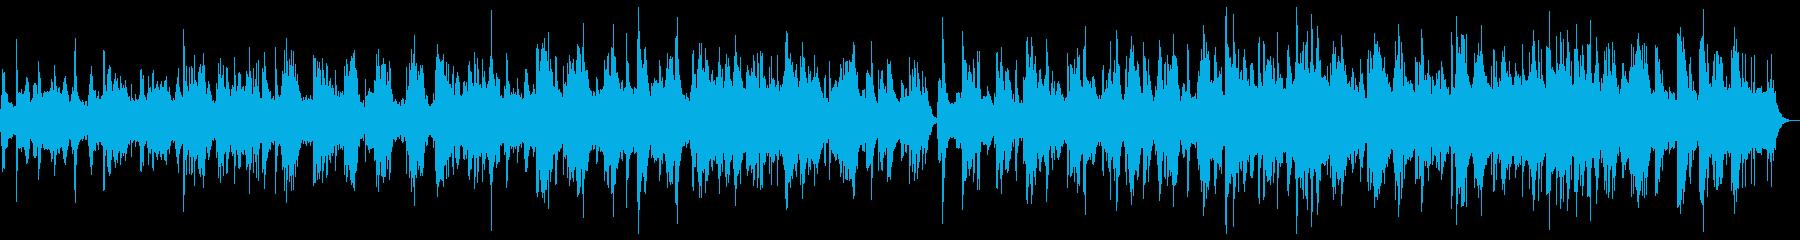 海や神秘的な癒しのイメージ(波音無し)の再生済みの波形